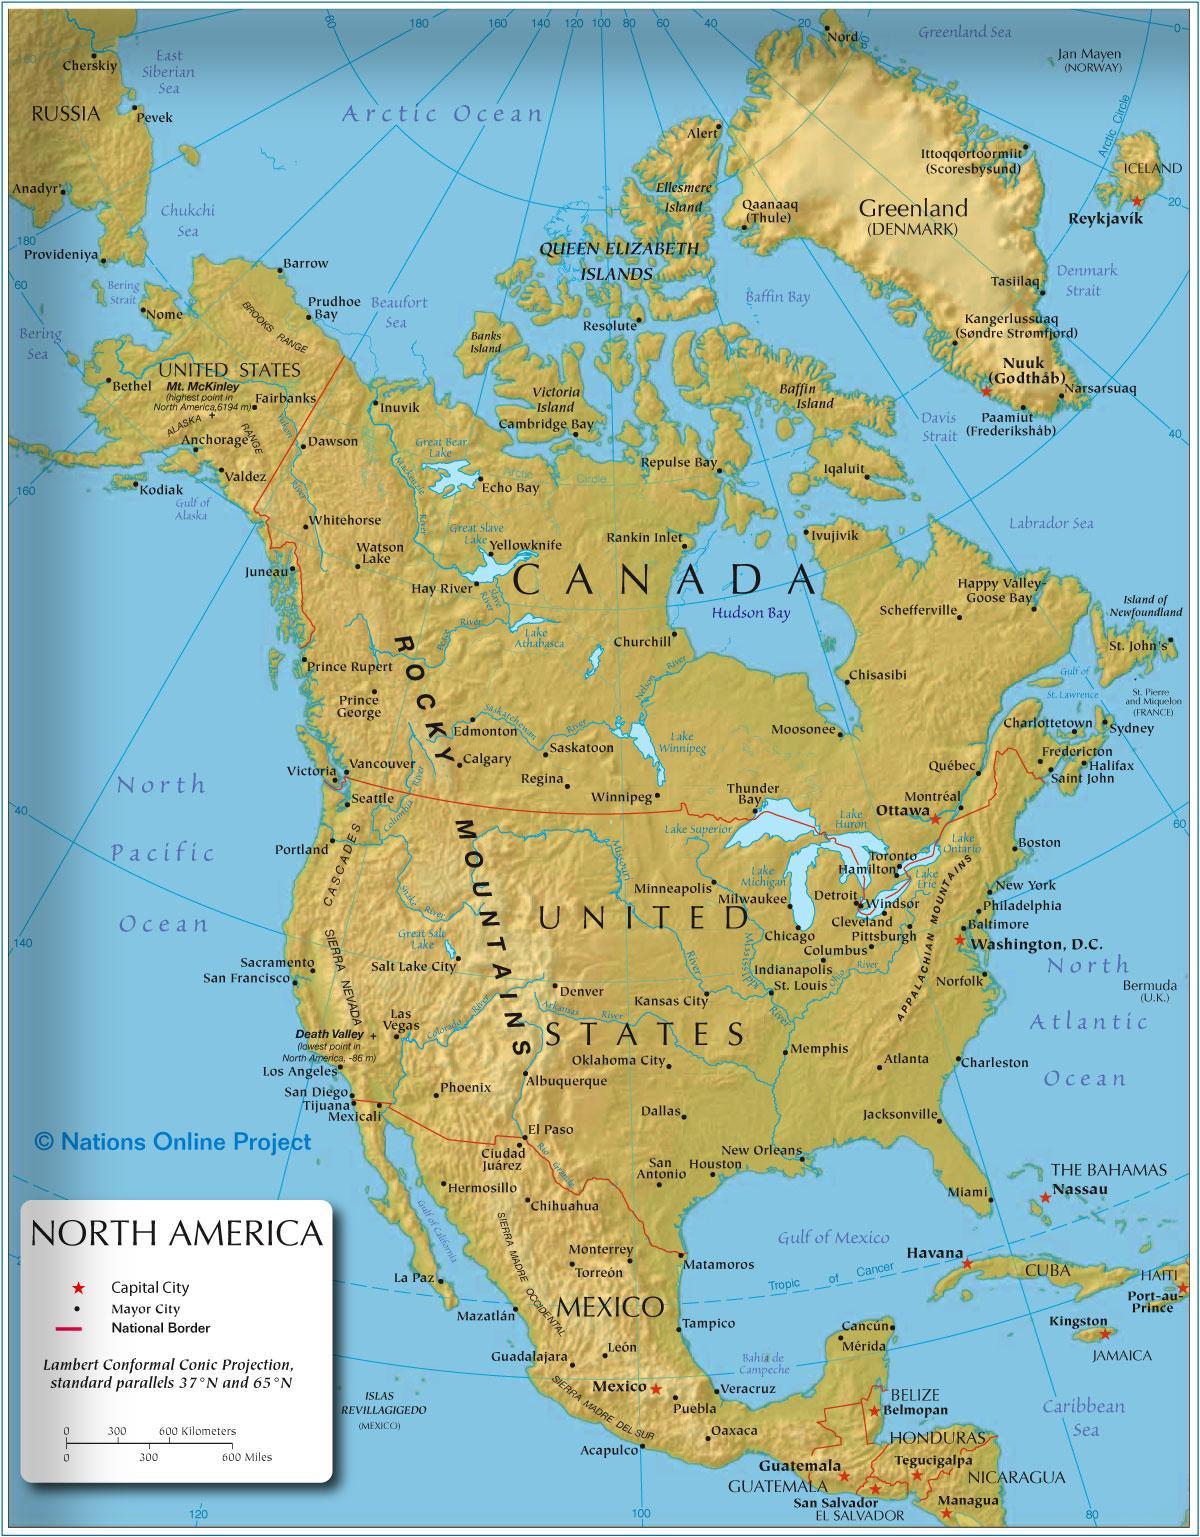 America Occidentale Cartina.Mappa Della Costa Occidentale Dell America Costa Occidentale Dell America Mappa America Del Nord America